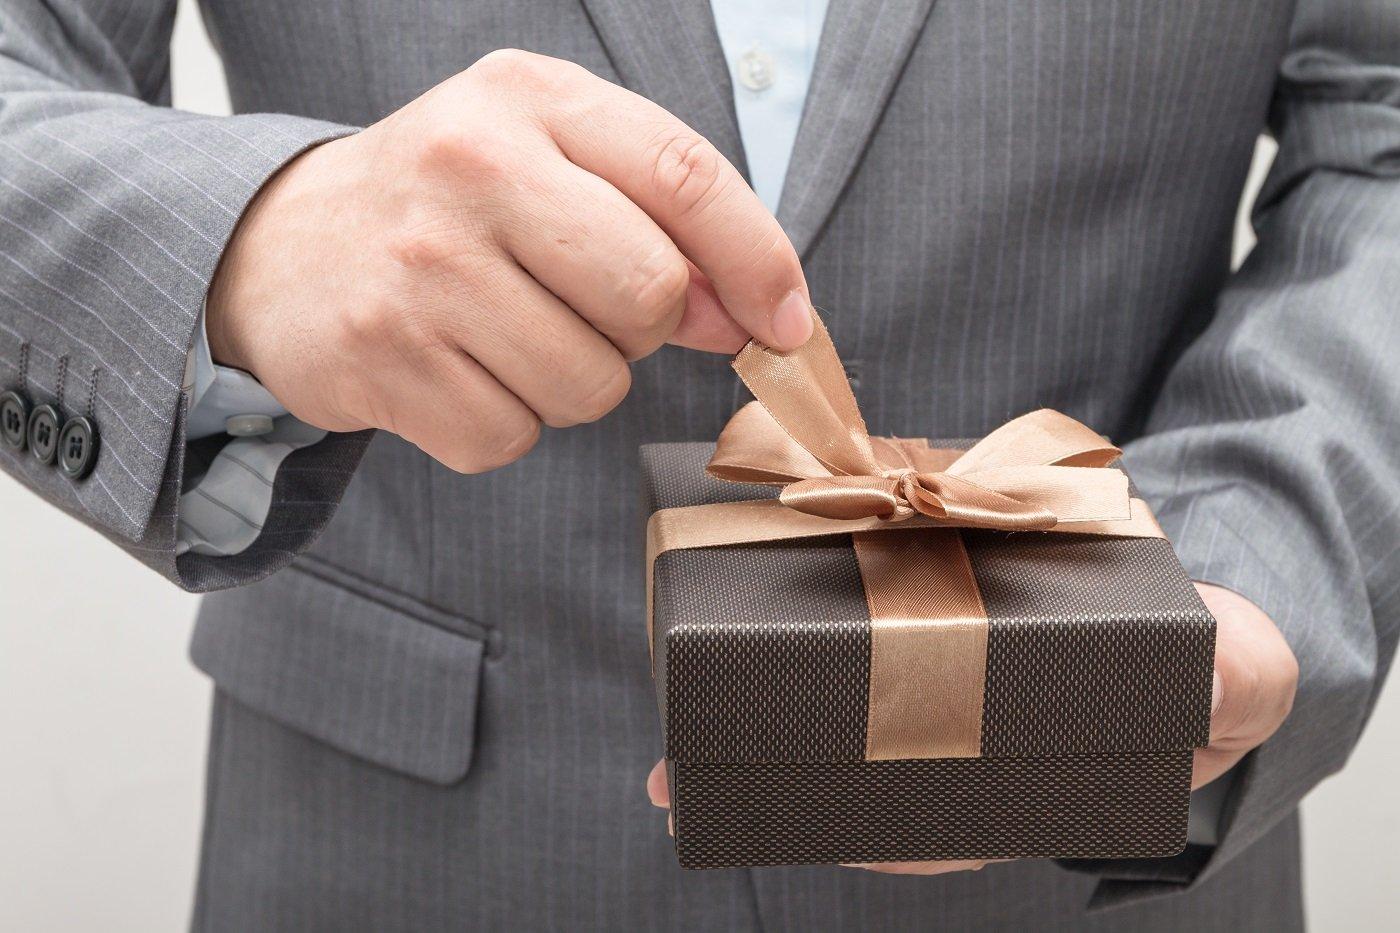 Xu hướng chọn quà tặng doanh nghiệp sang trọng dịp Tết 2021